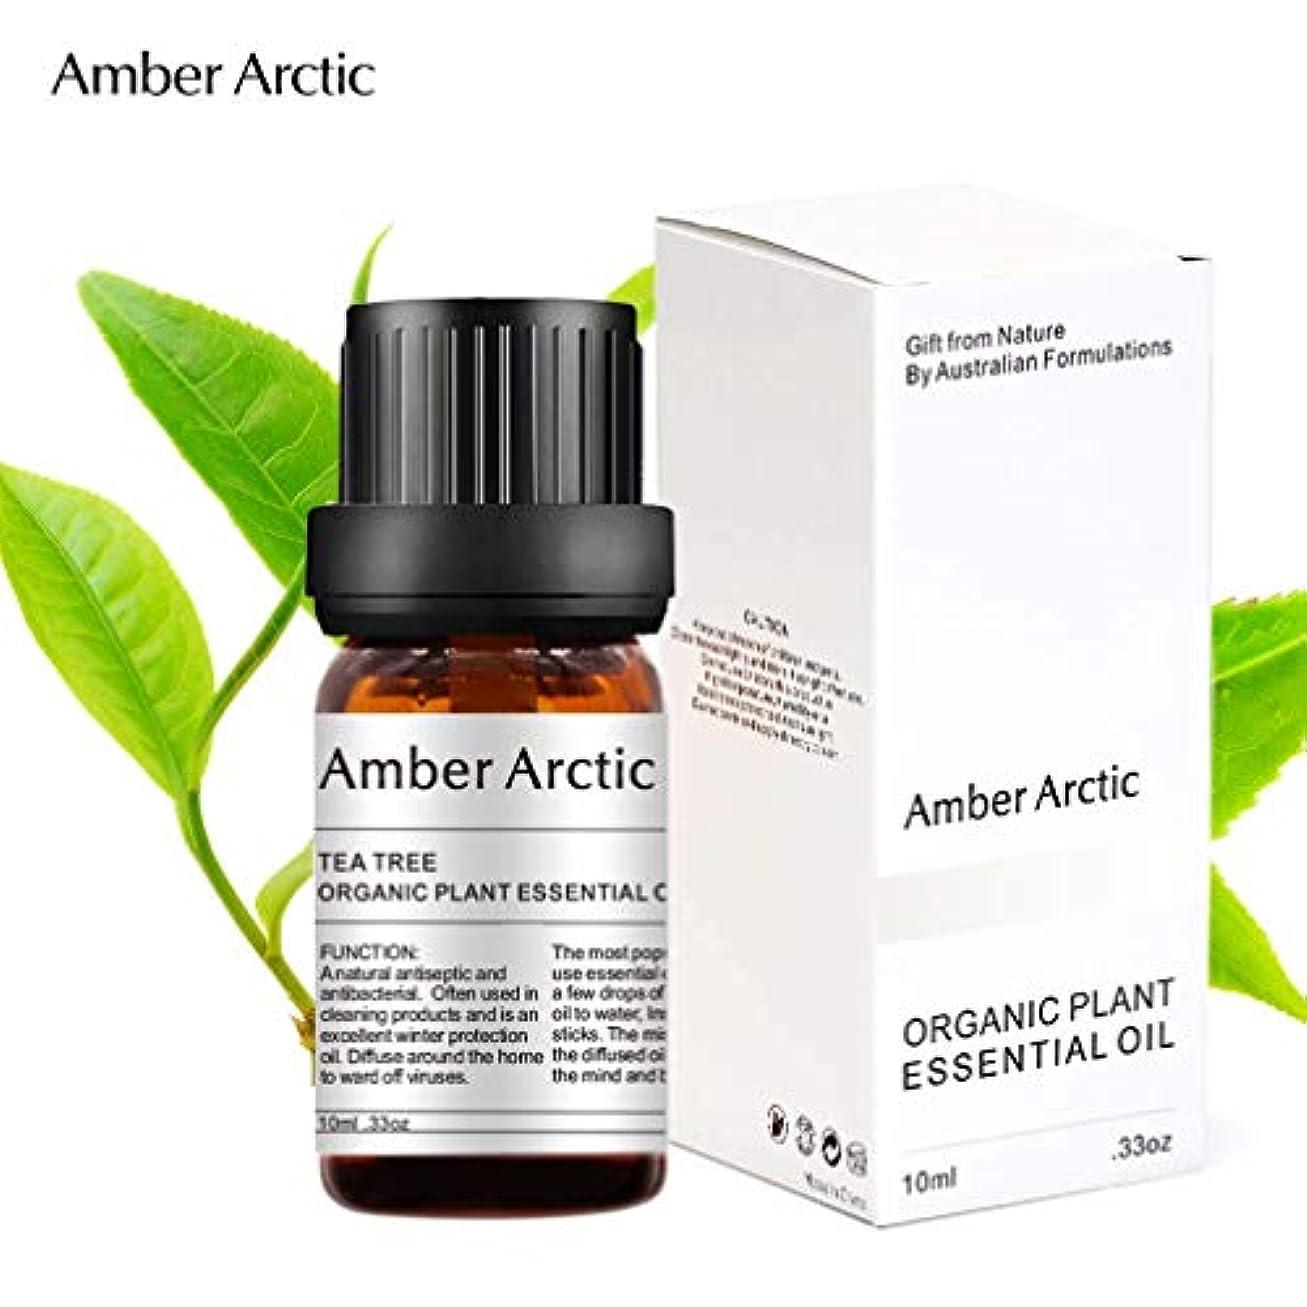 実験室感覚微生物Amber Arctic ティー ツリー エッセンシャル オイル - 100% 天然 アロマテラピー ティーツリー オイル スプレッド 用 (10ML) ティーツリー